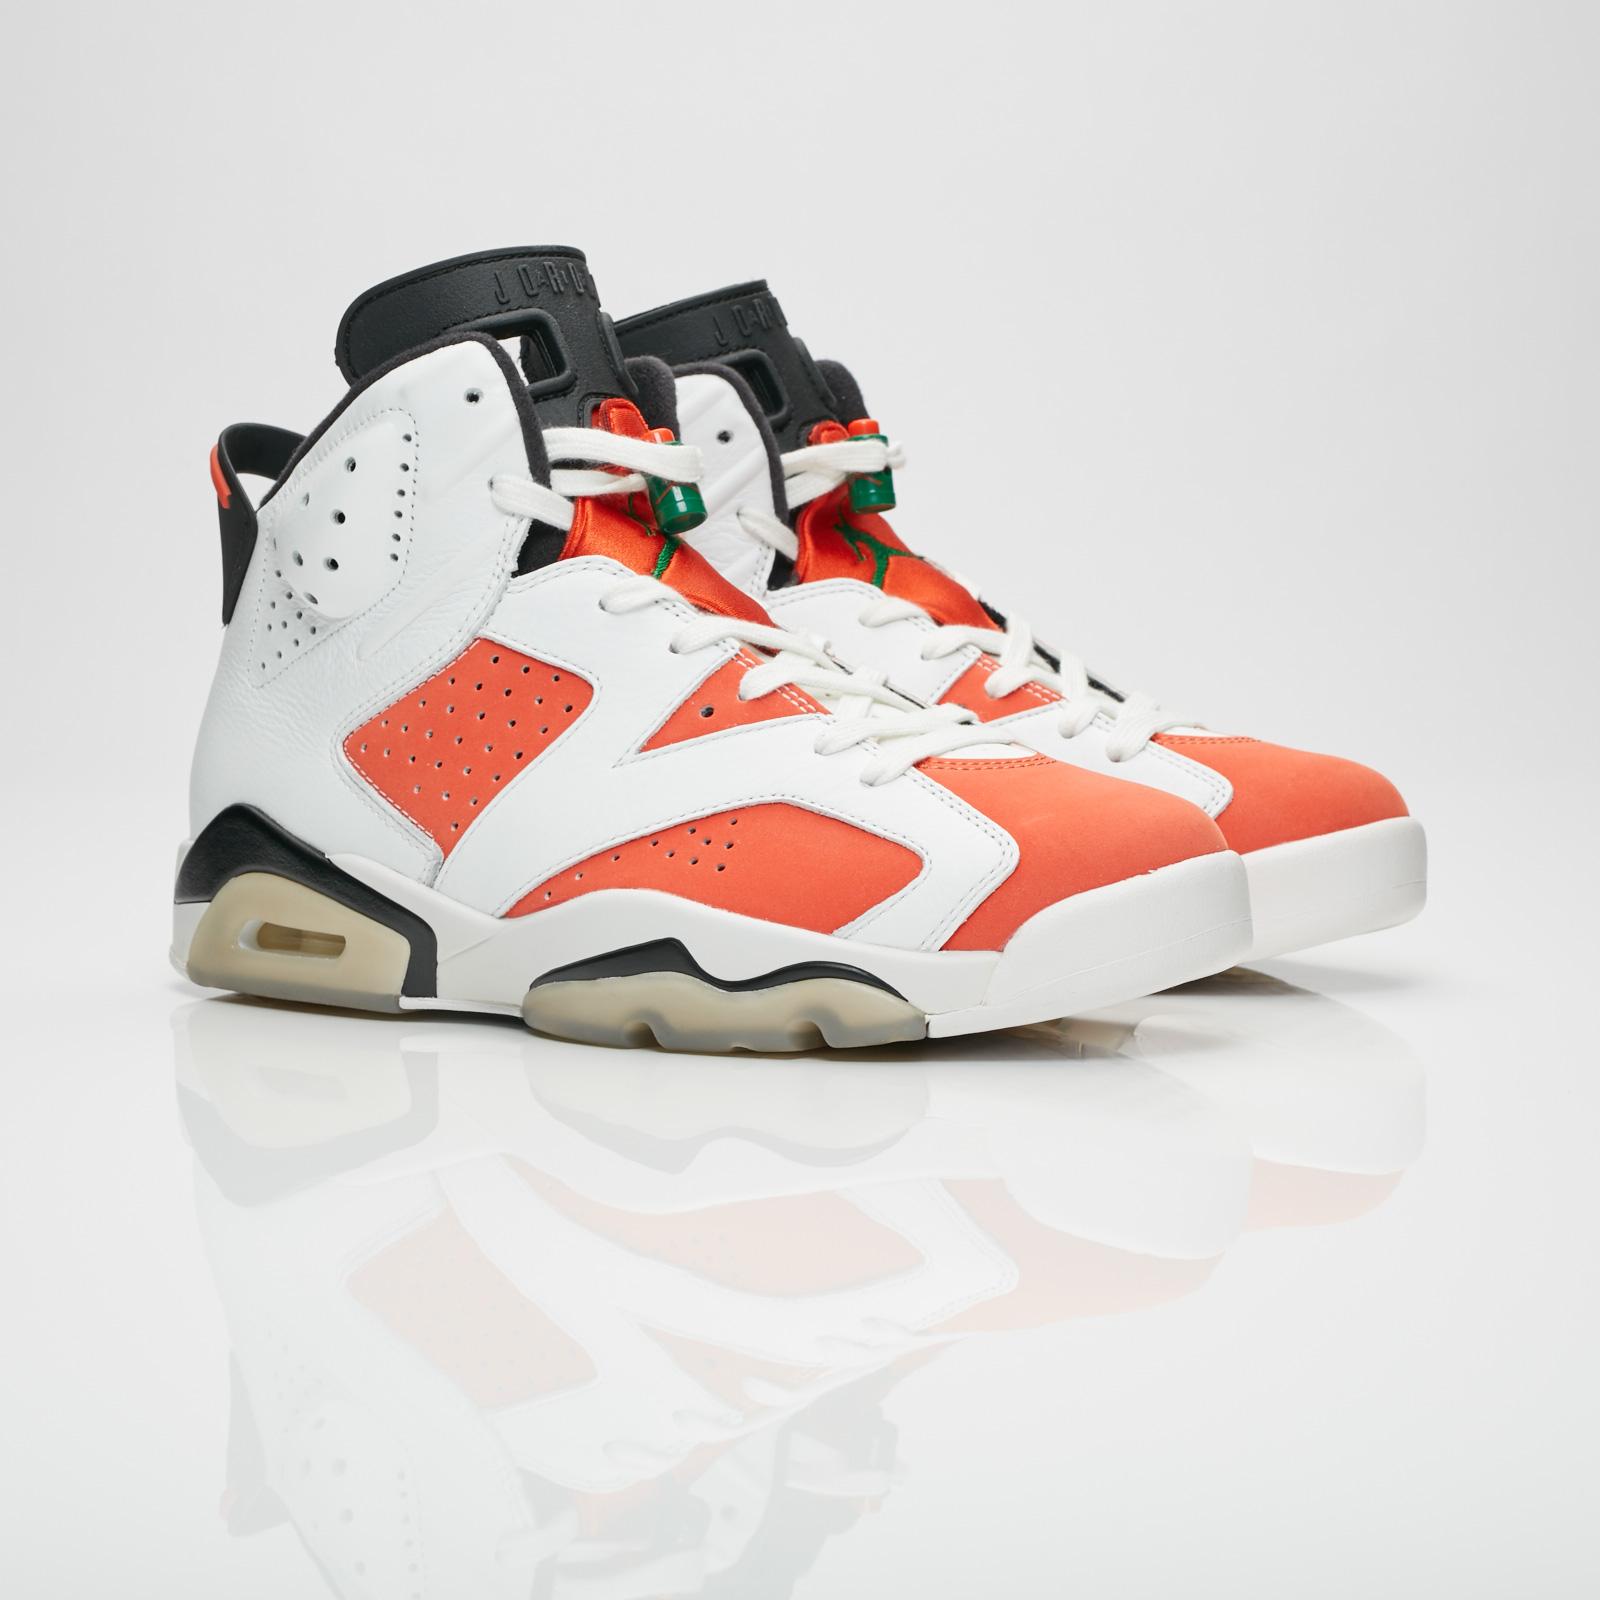 online store 48b6d 93f99 Jordan Brand Air Jordan 6 Retro Like Mike - 384664-145 ...